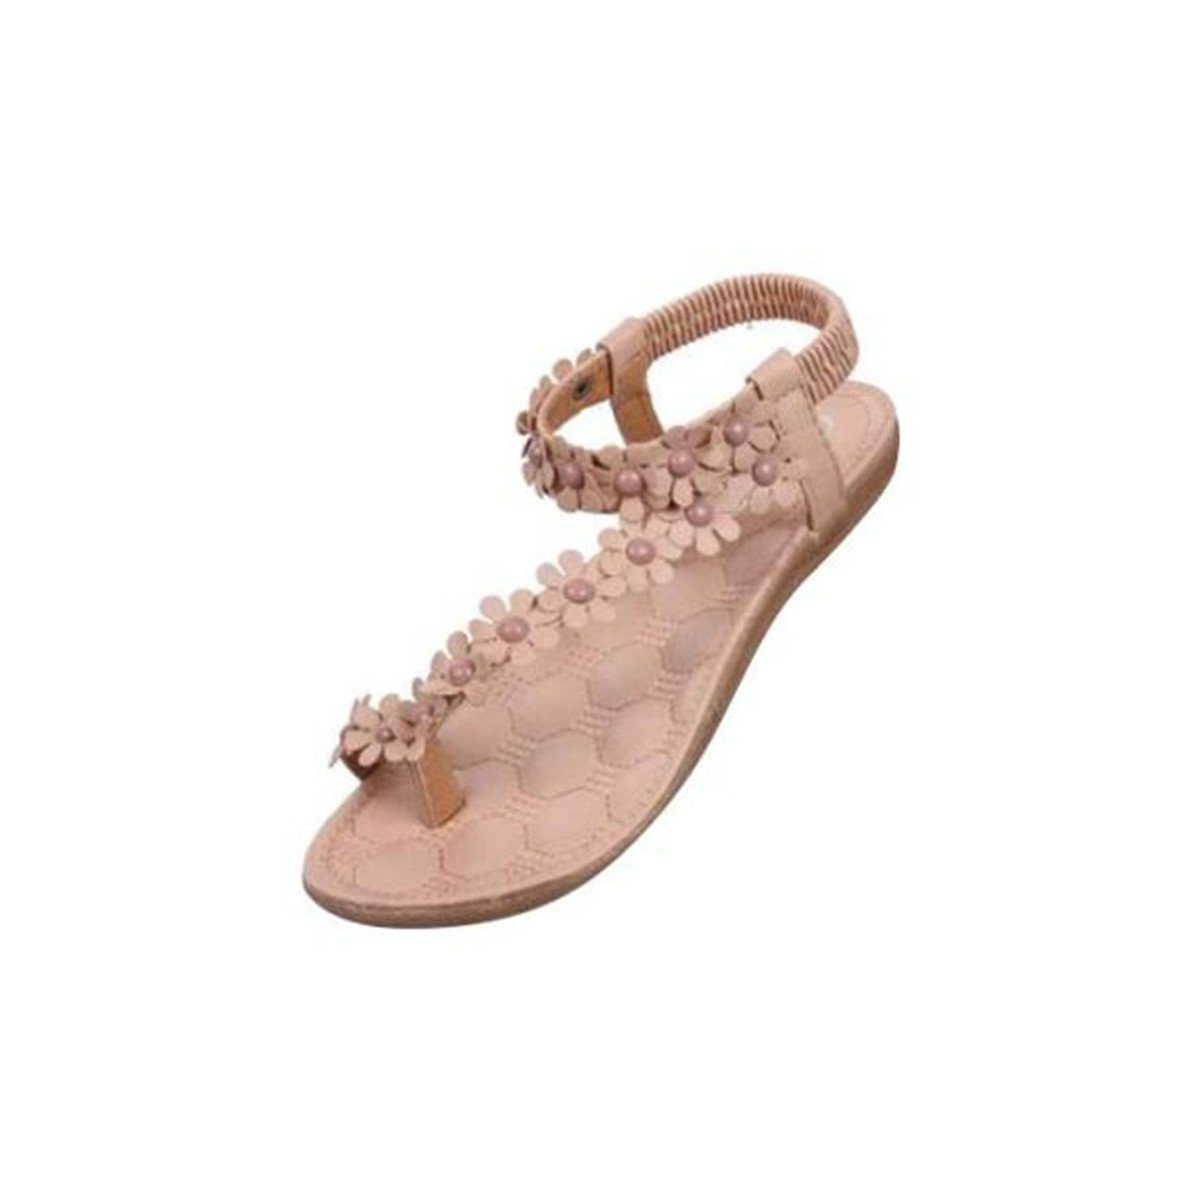 Sandalen Damen Sommer Elegant Bouml;hmen Blumen-Perlen Flip-Flop Schuhe Flache Sandalen Schuhe Mode Strandschuhe Zehentrenner Pantoletten Riemchensandalen  35 EU|A